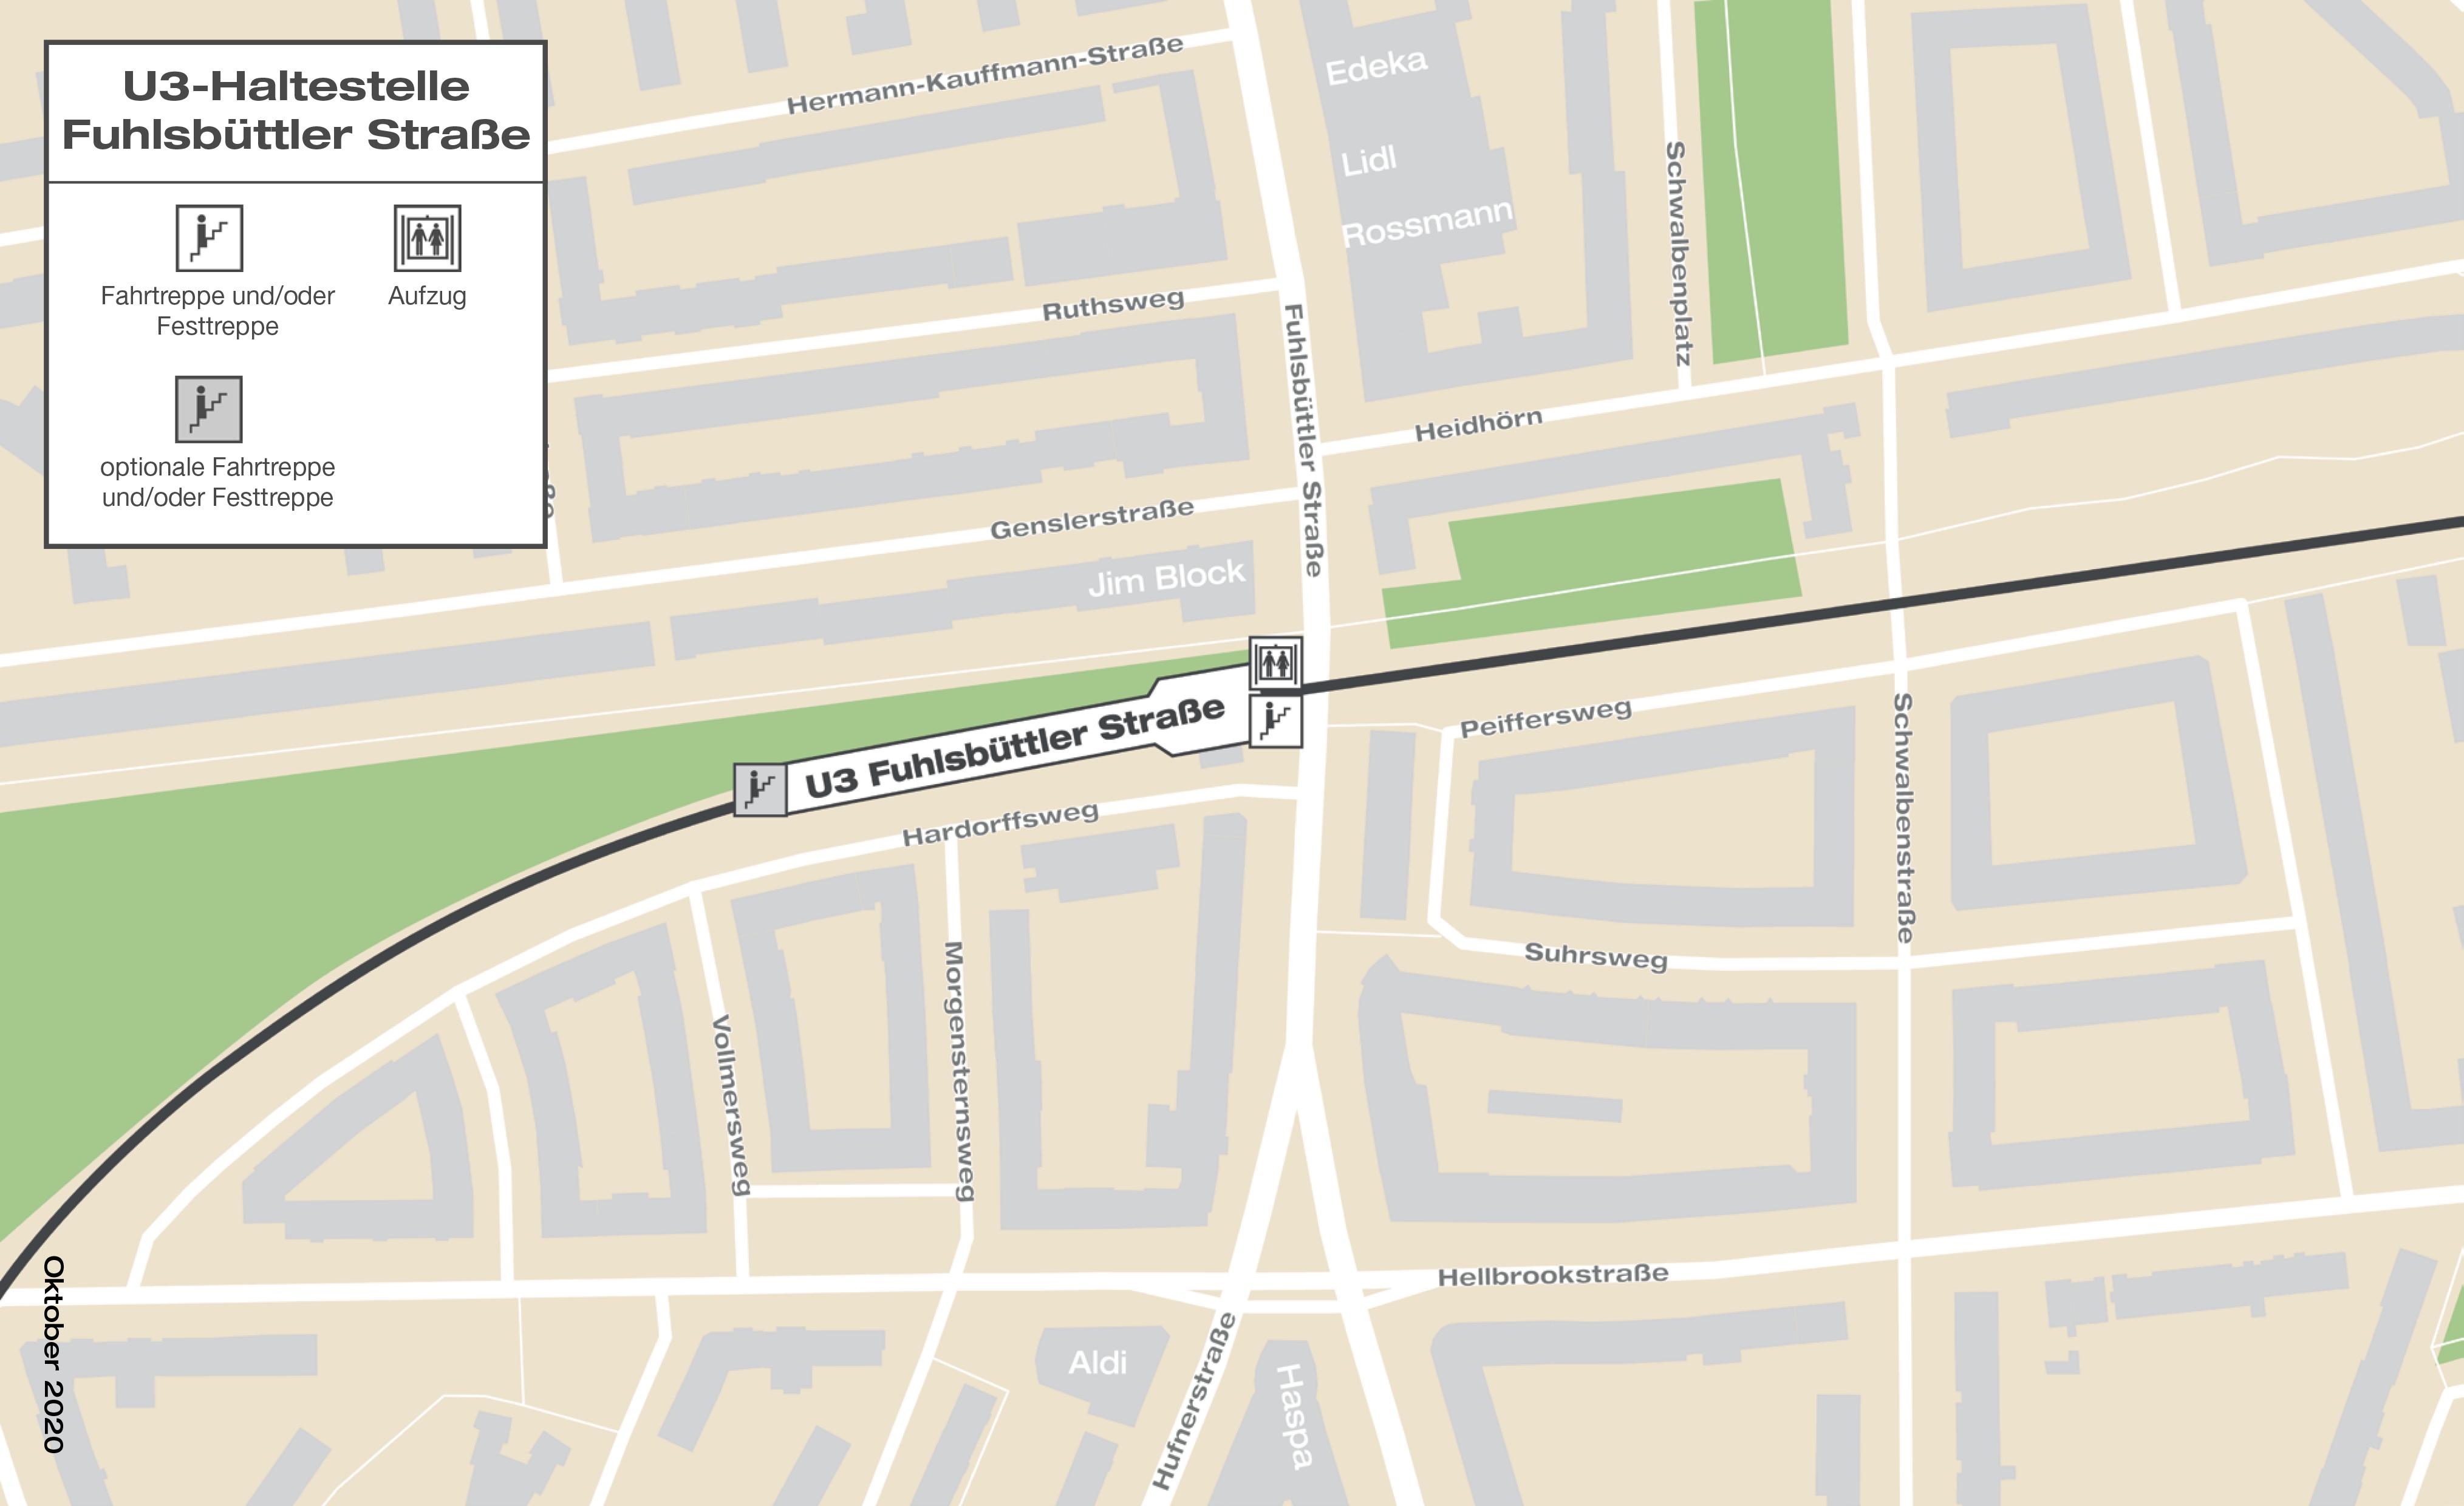 Geplante Haltestellenlage Fuhlsbüttler Straße